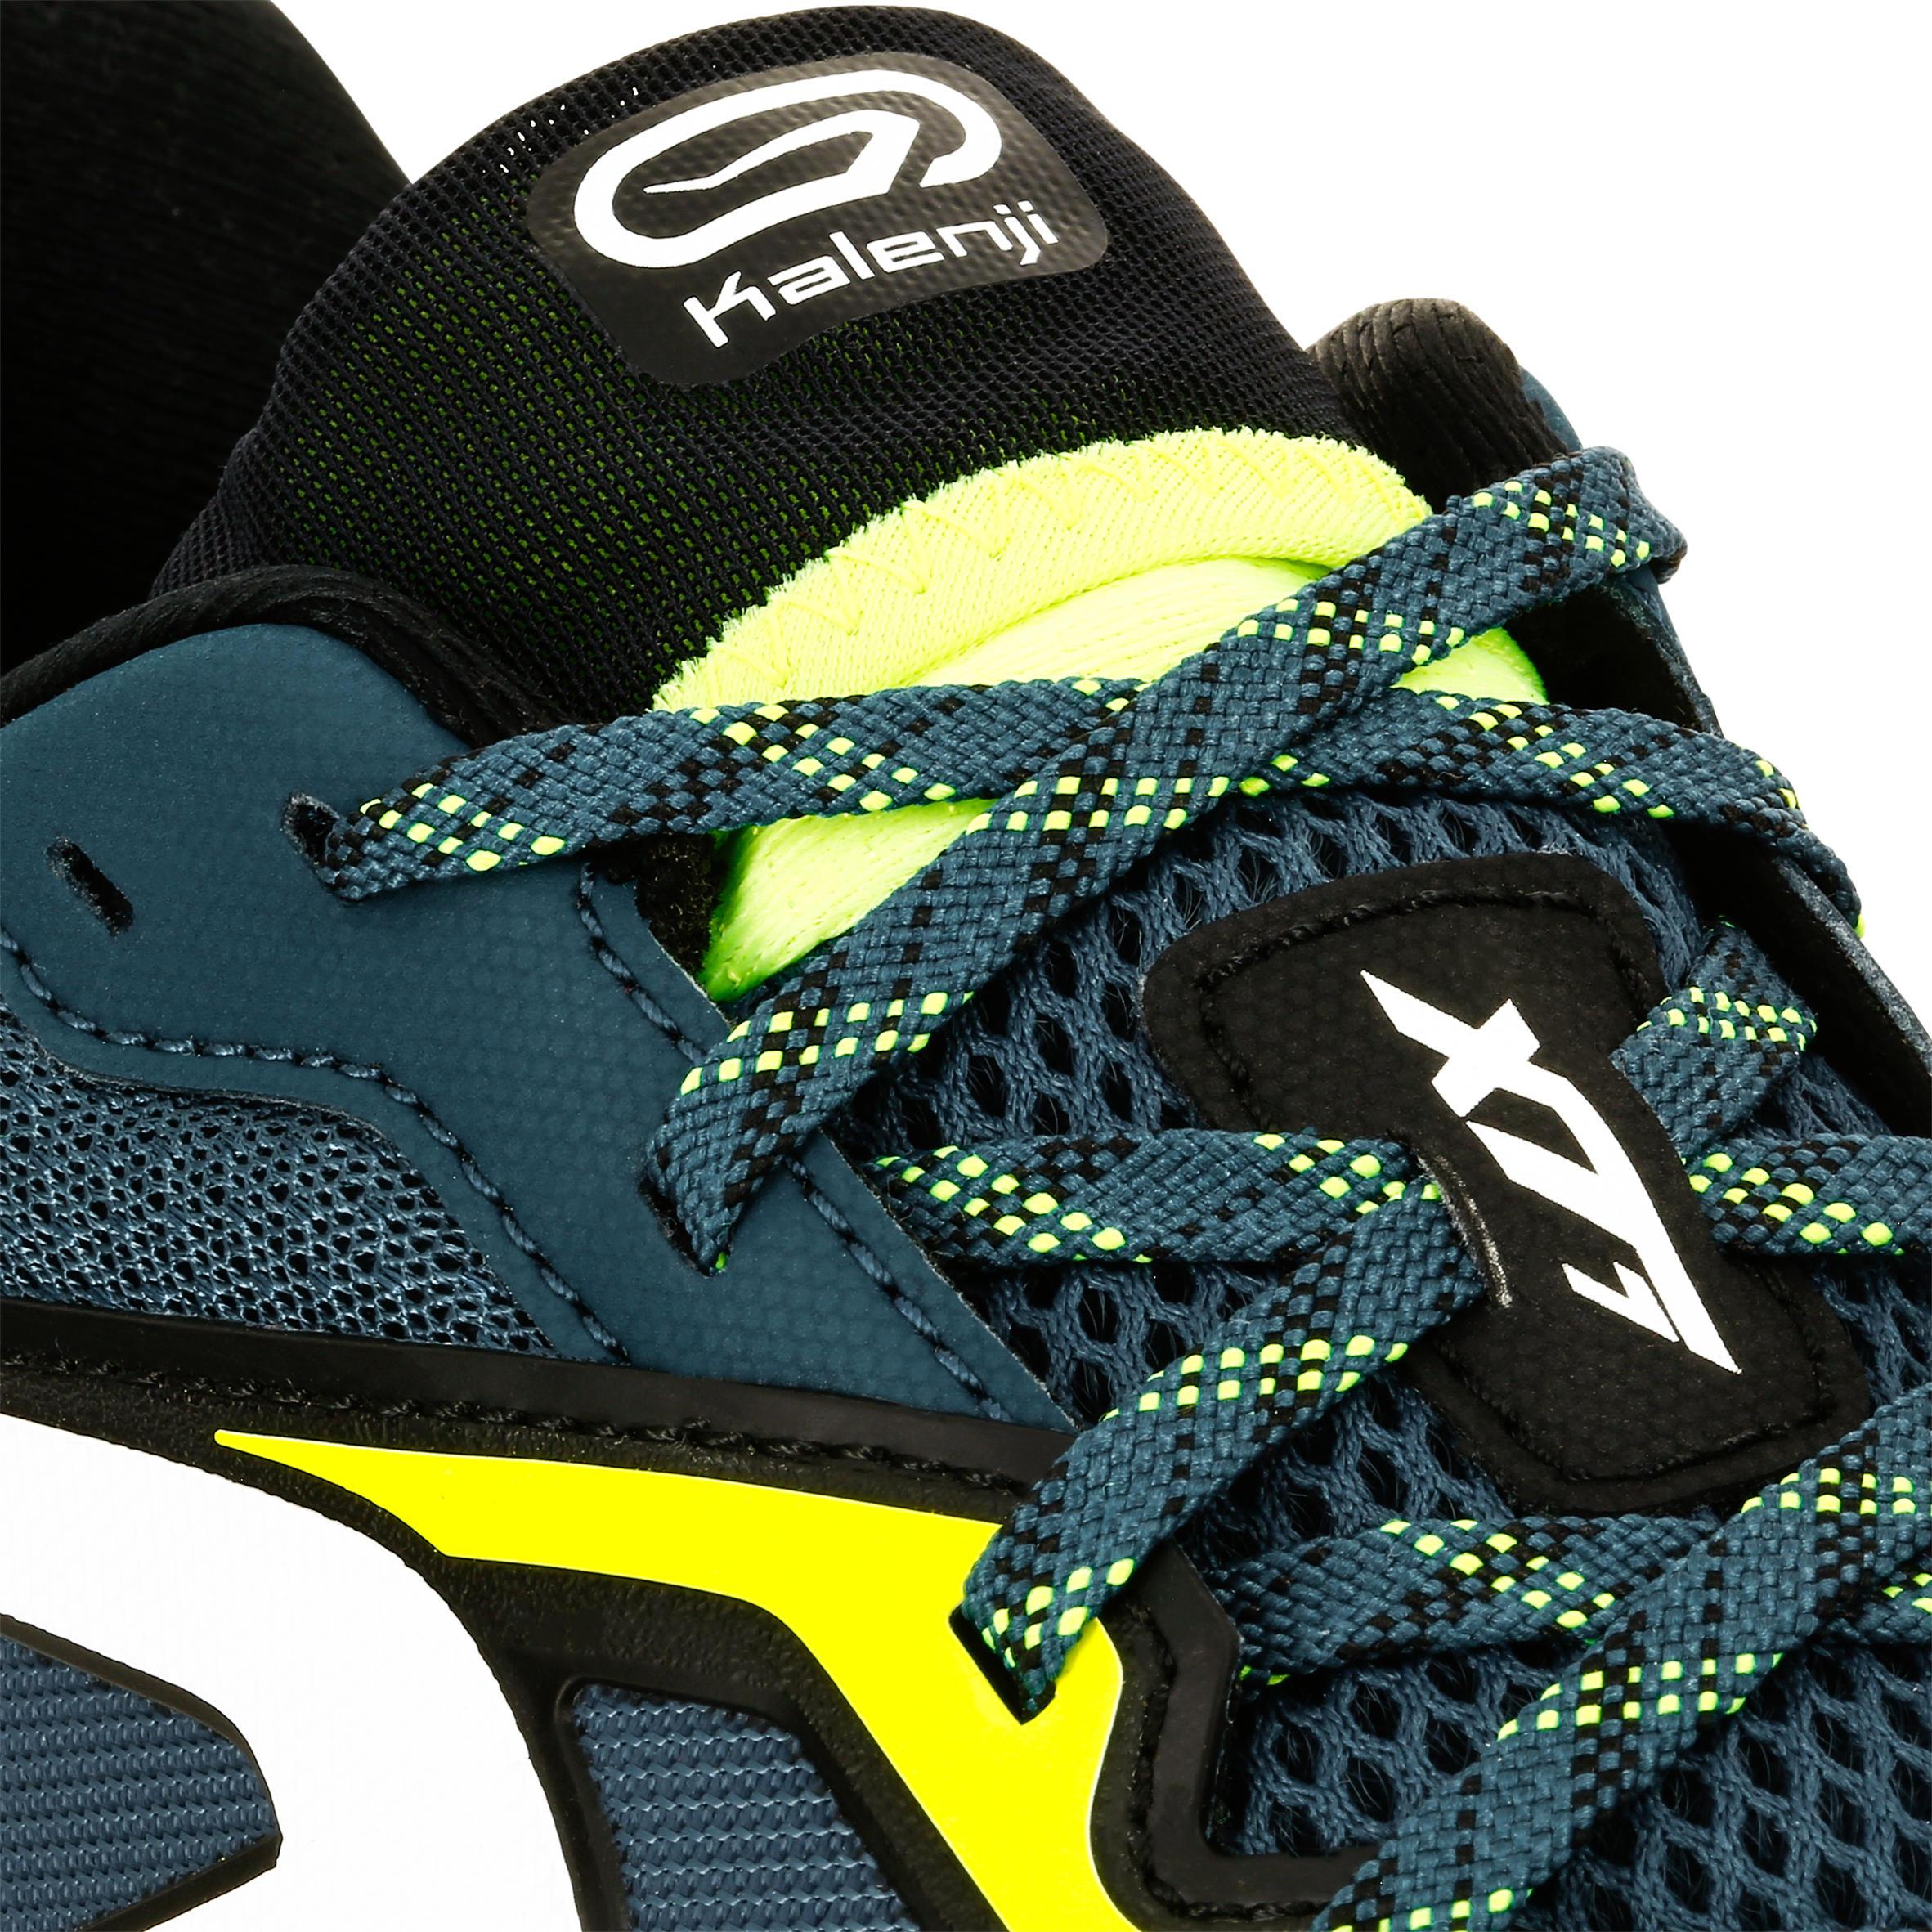 Kiprun Chaussures Xt 7 Trail Bleu Running Homme Jaune nOyvN0wm8P